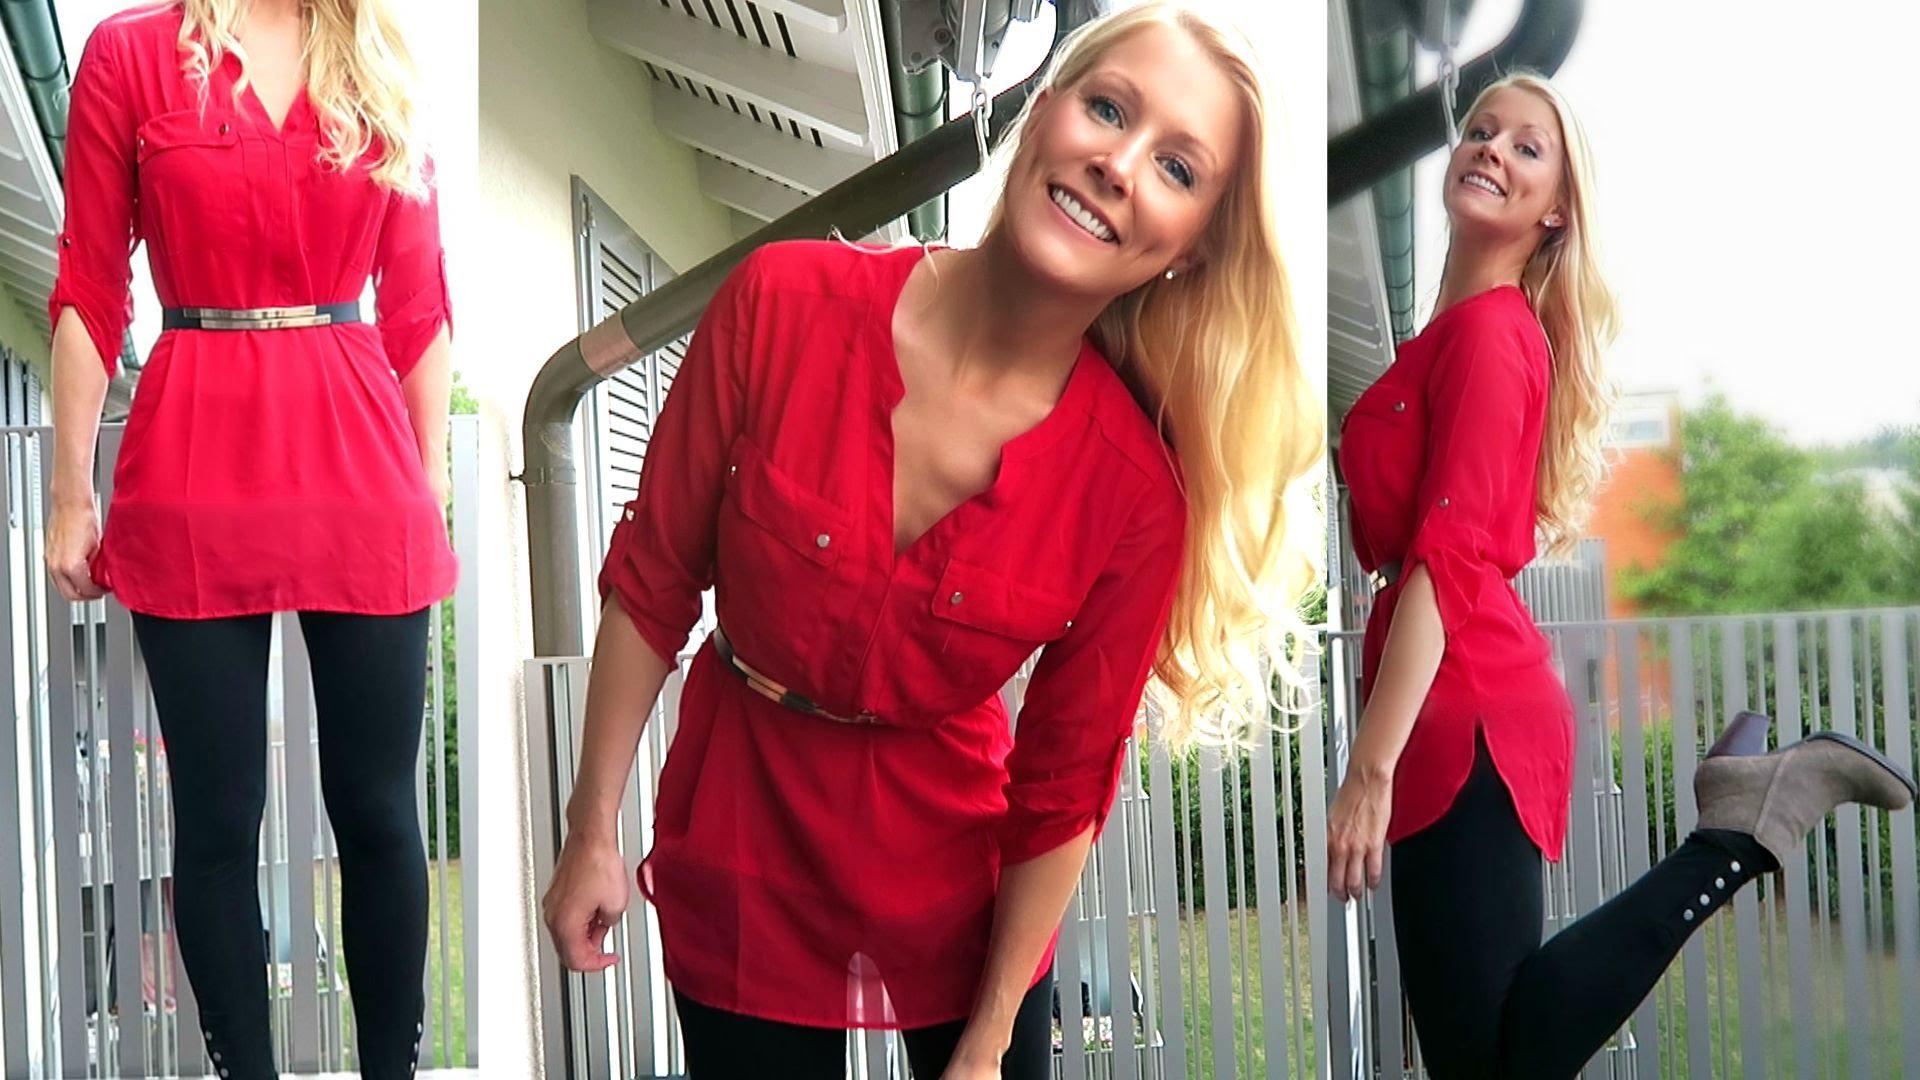 Rüyada Koyu Kırmızı Gömlek Giyen Kadın Görmek